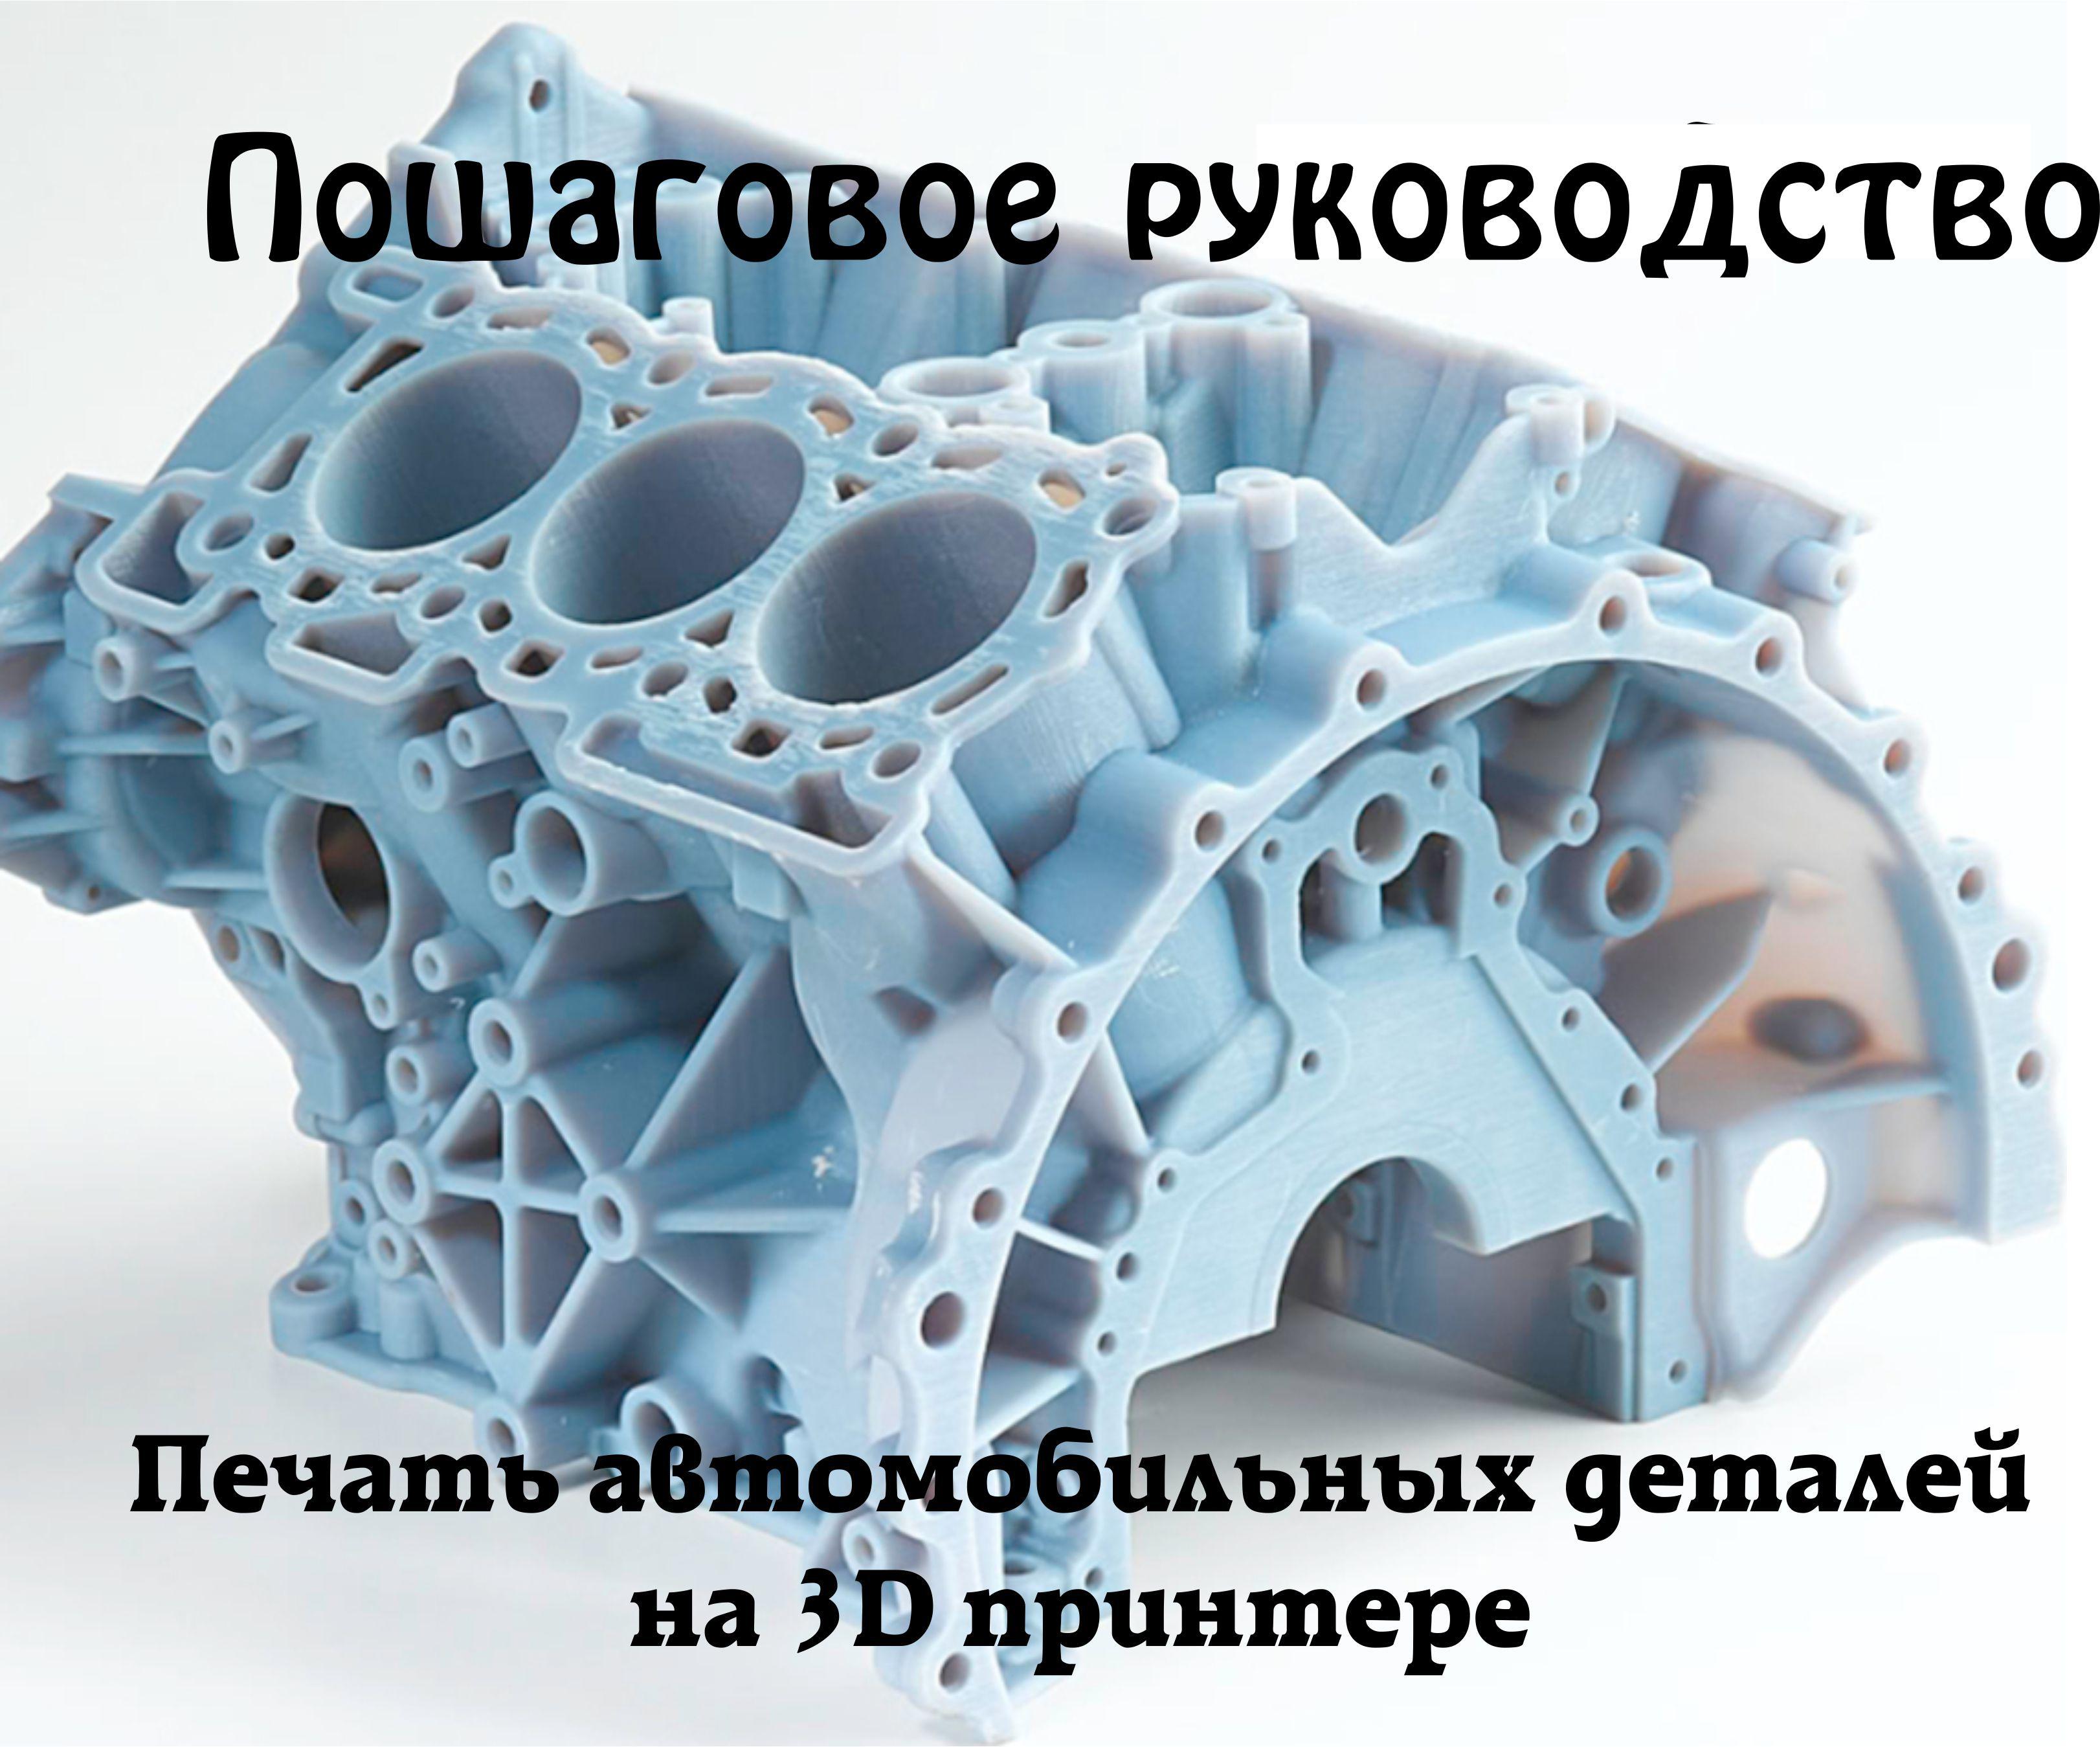 Как открыть печать автозапчастей на 3D принтере